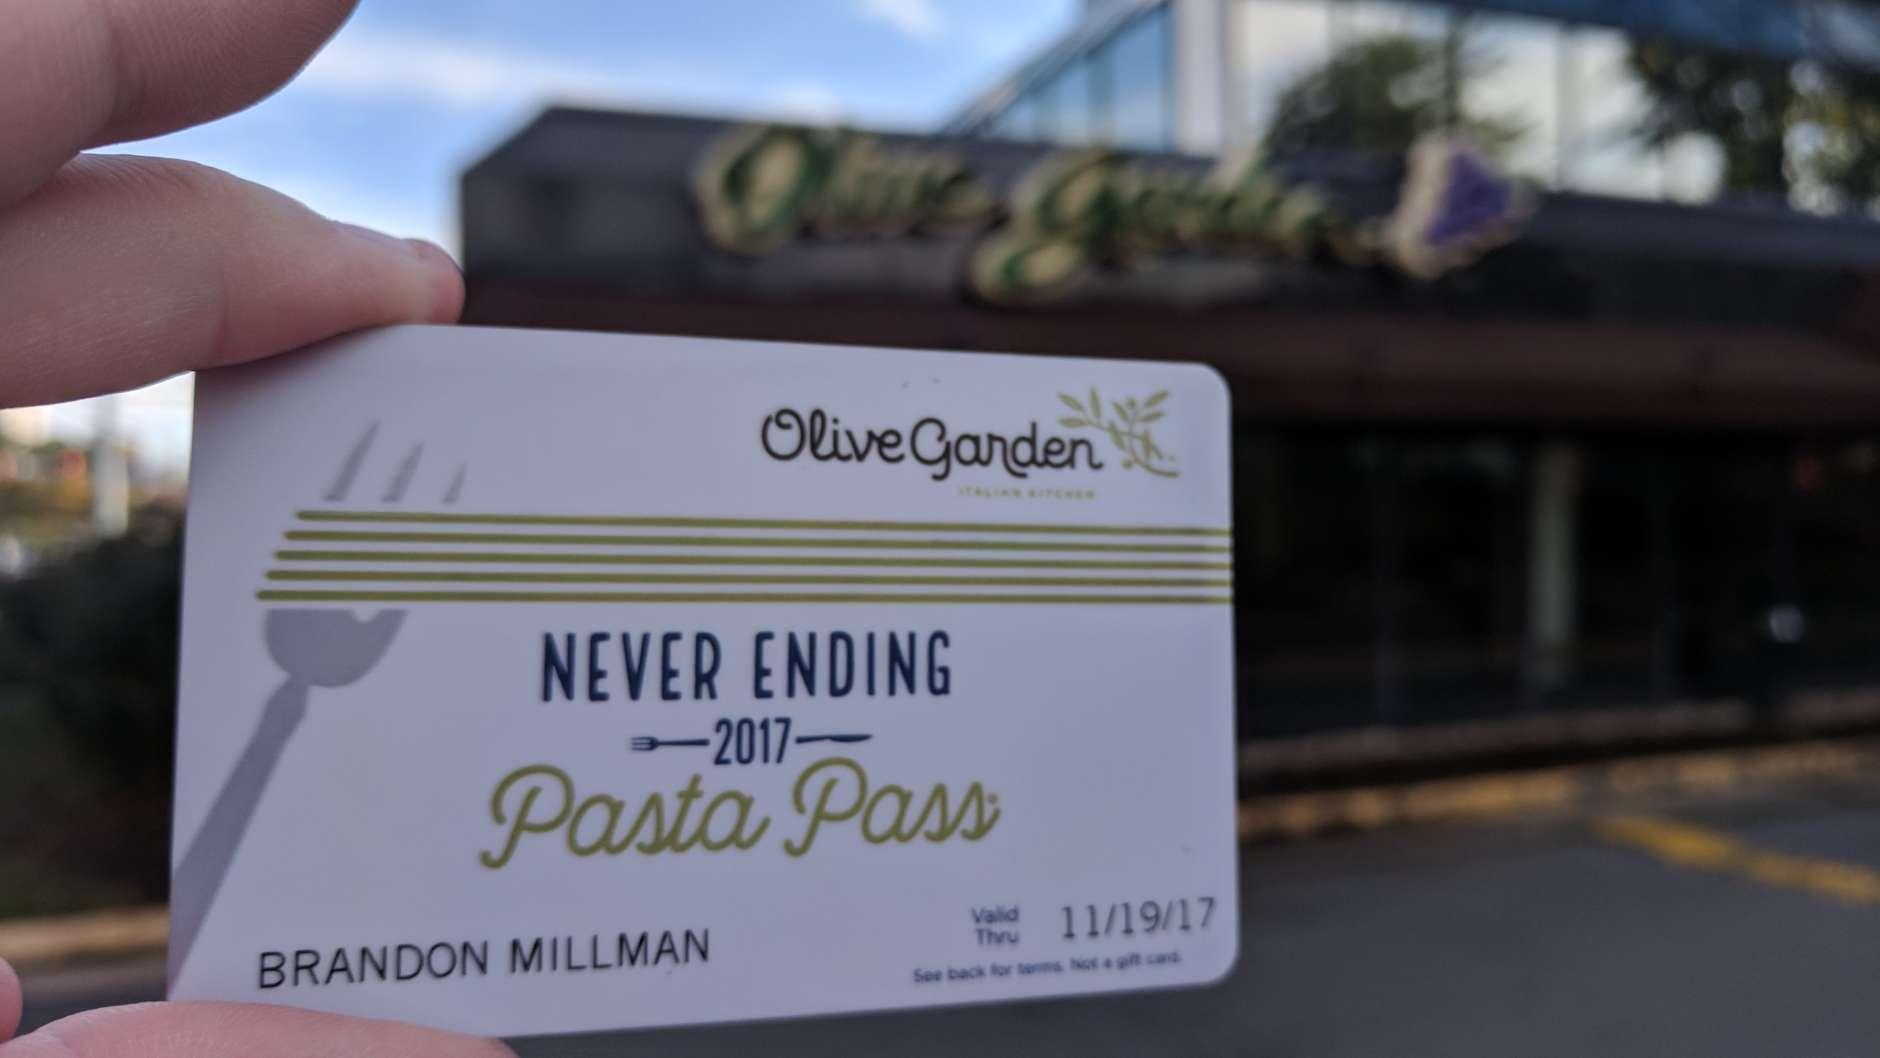 The Olive Garden in Vienna. (WTOP/Brandon Millman)